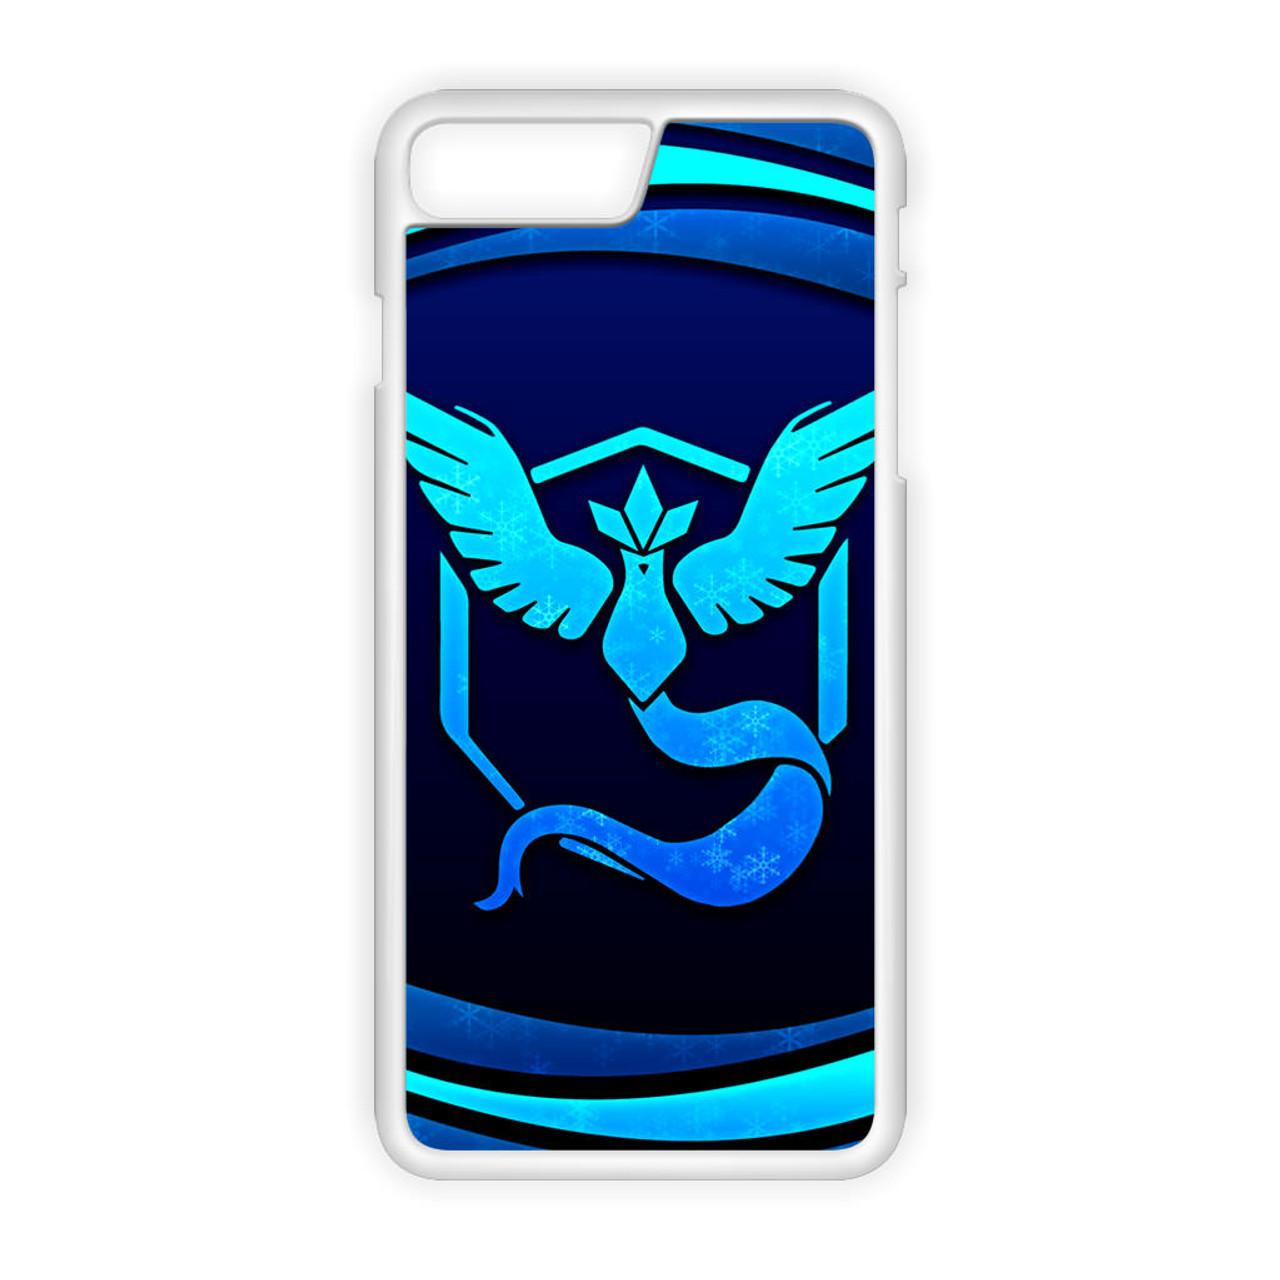 Pokemon GO Team Mystic iphone case